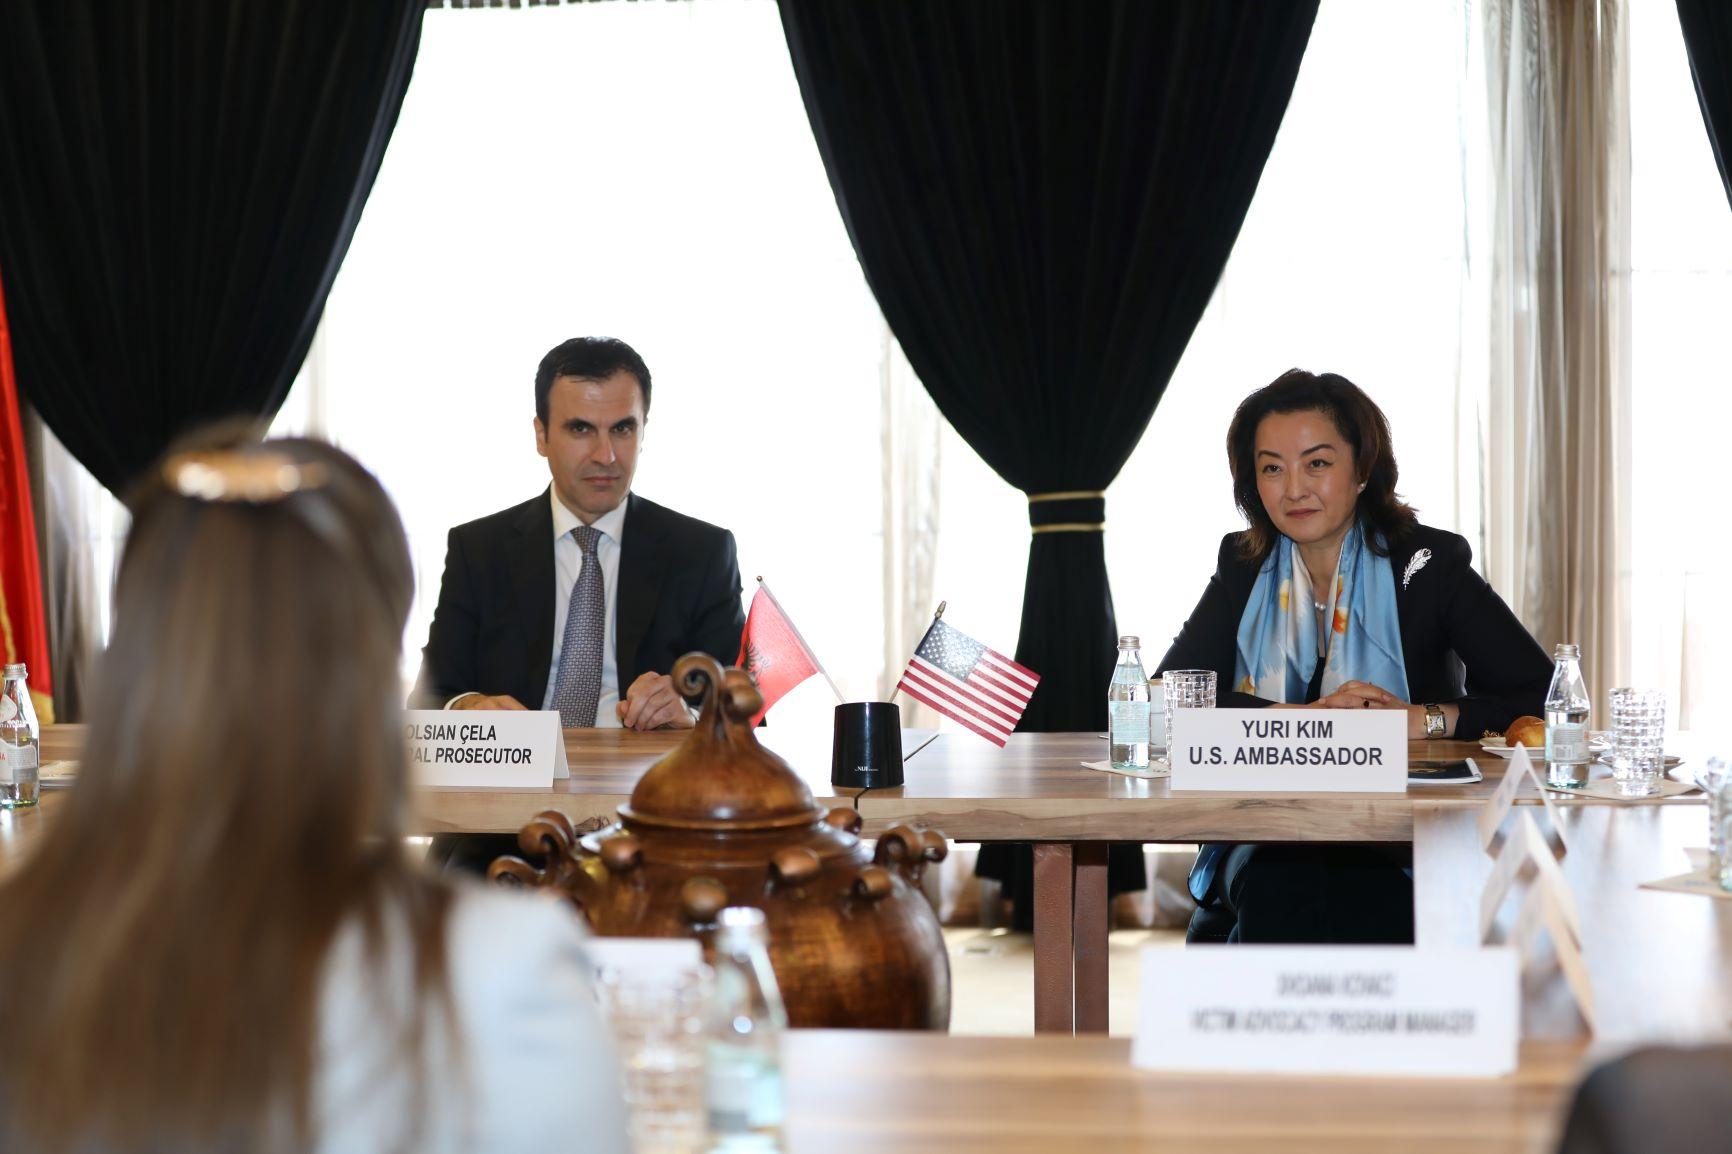 Yuri Kim: Dhuna ndaj grave duhet të ndiqet penalisht